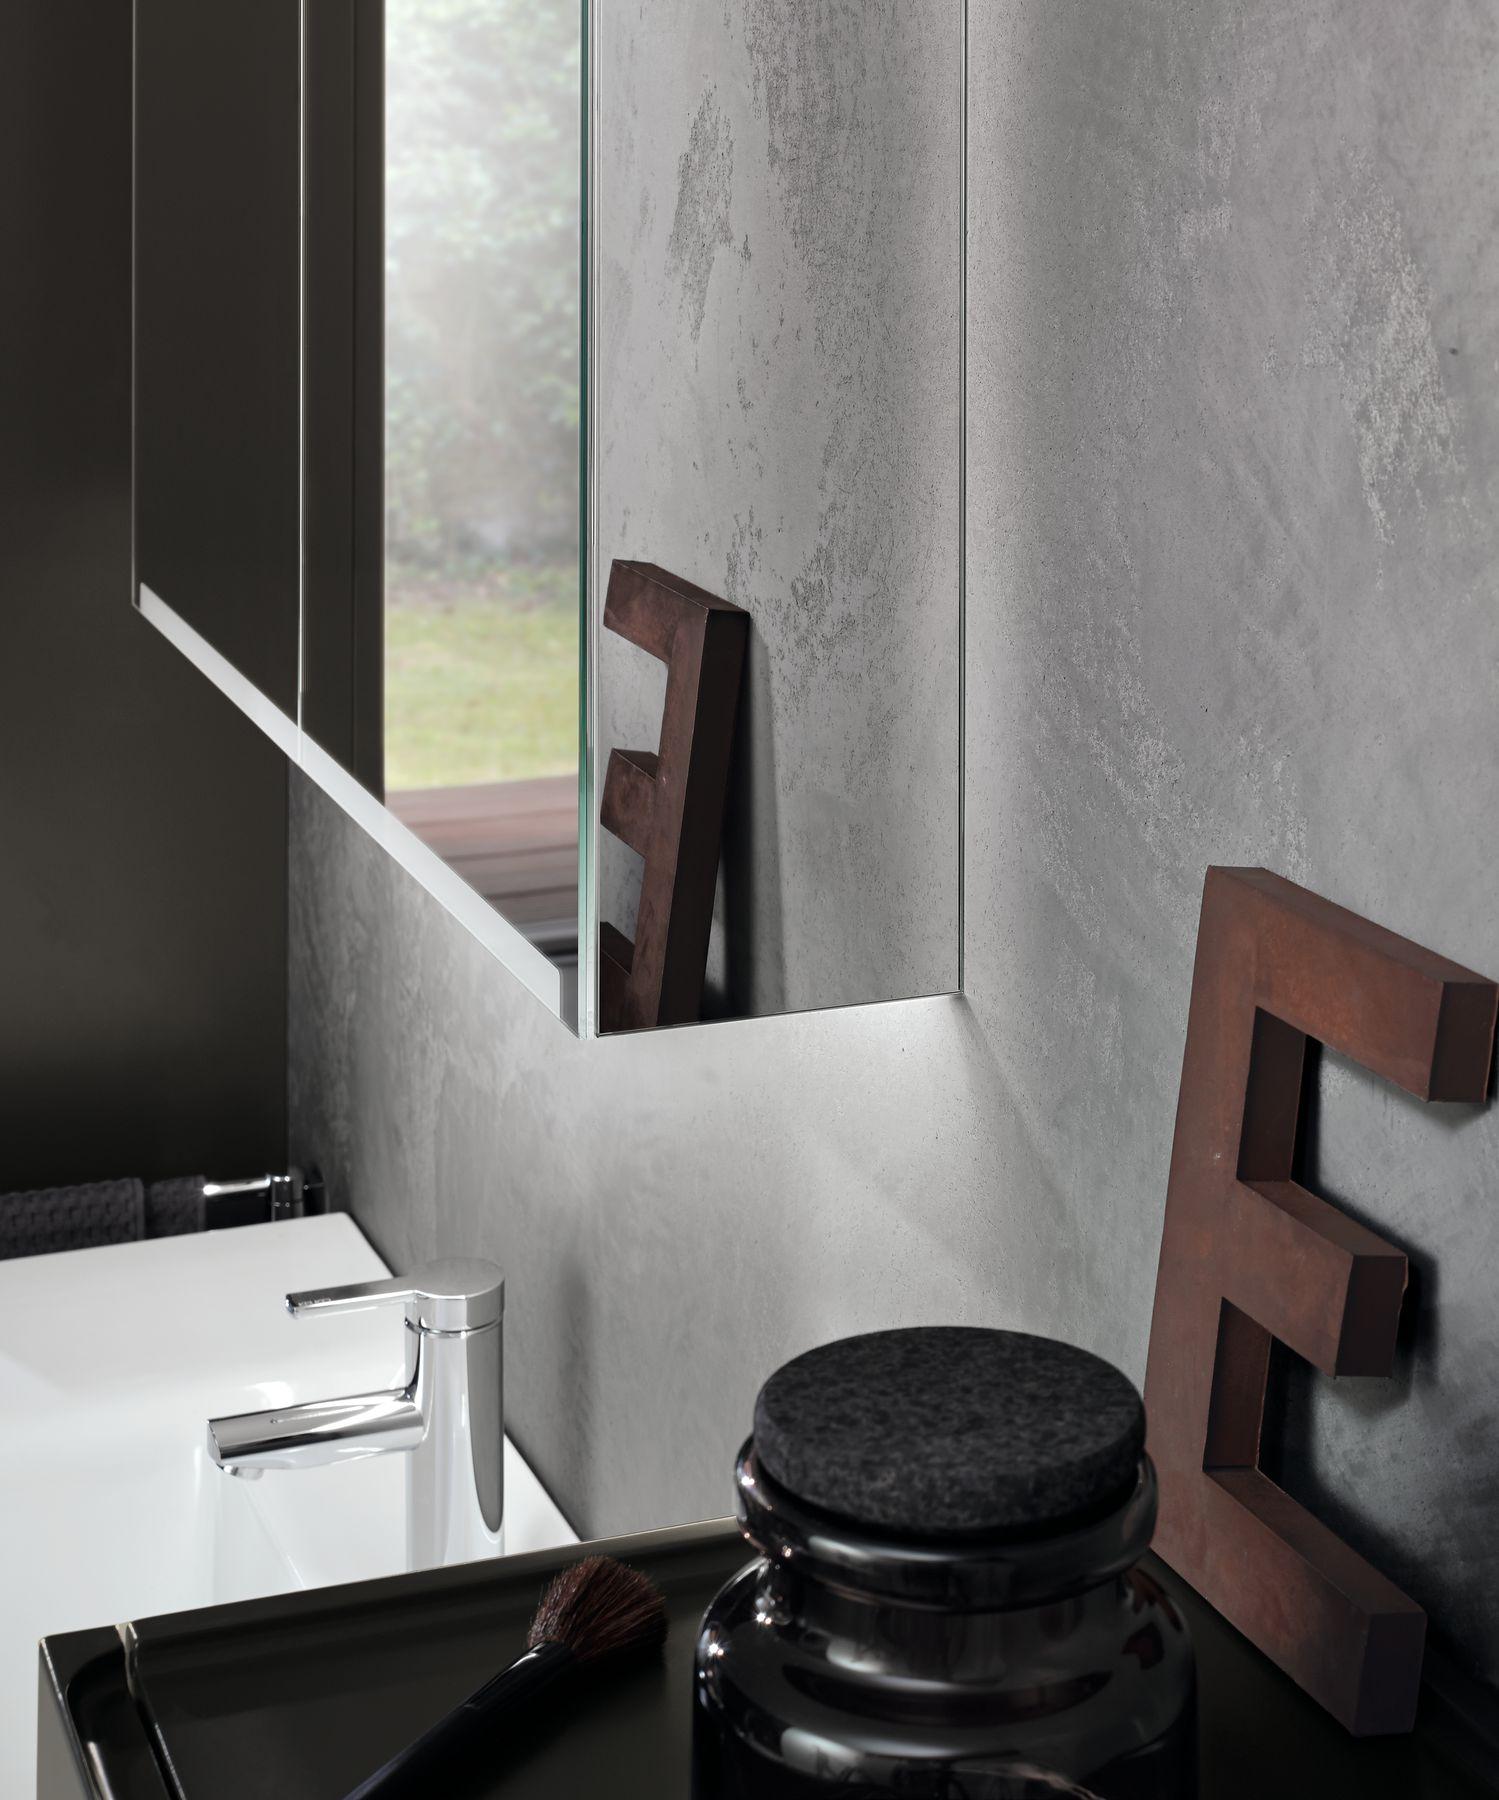 De ideale spiegelkast voor de badkamer van Sphinx #badkamer #badkamerinspiratie #spiegelkast #spiegel #badkamerspiegel #sphinx